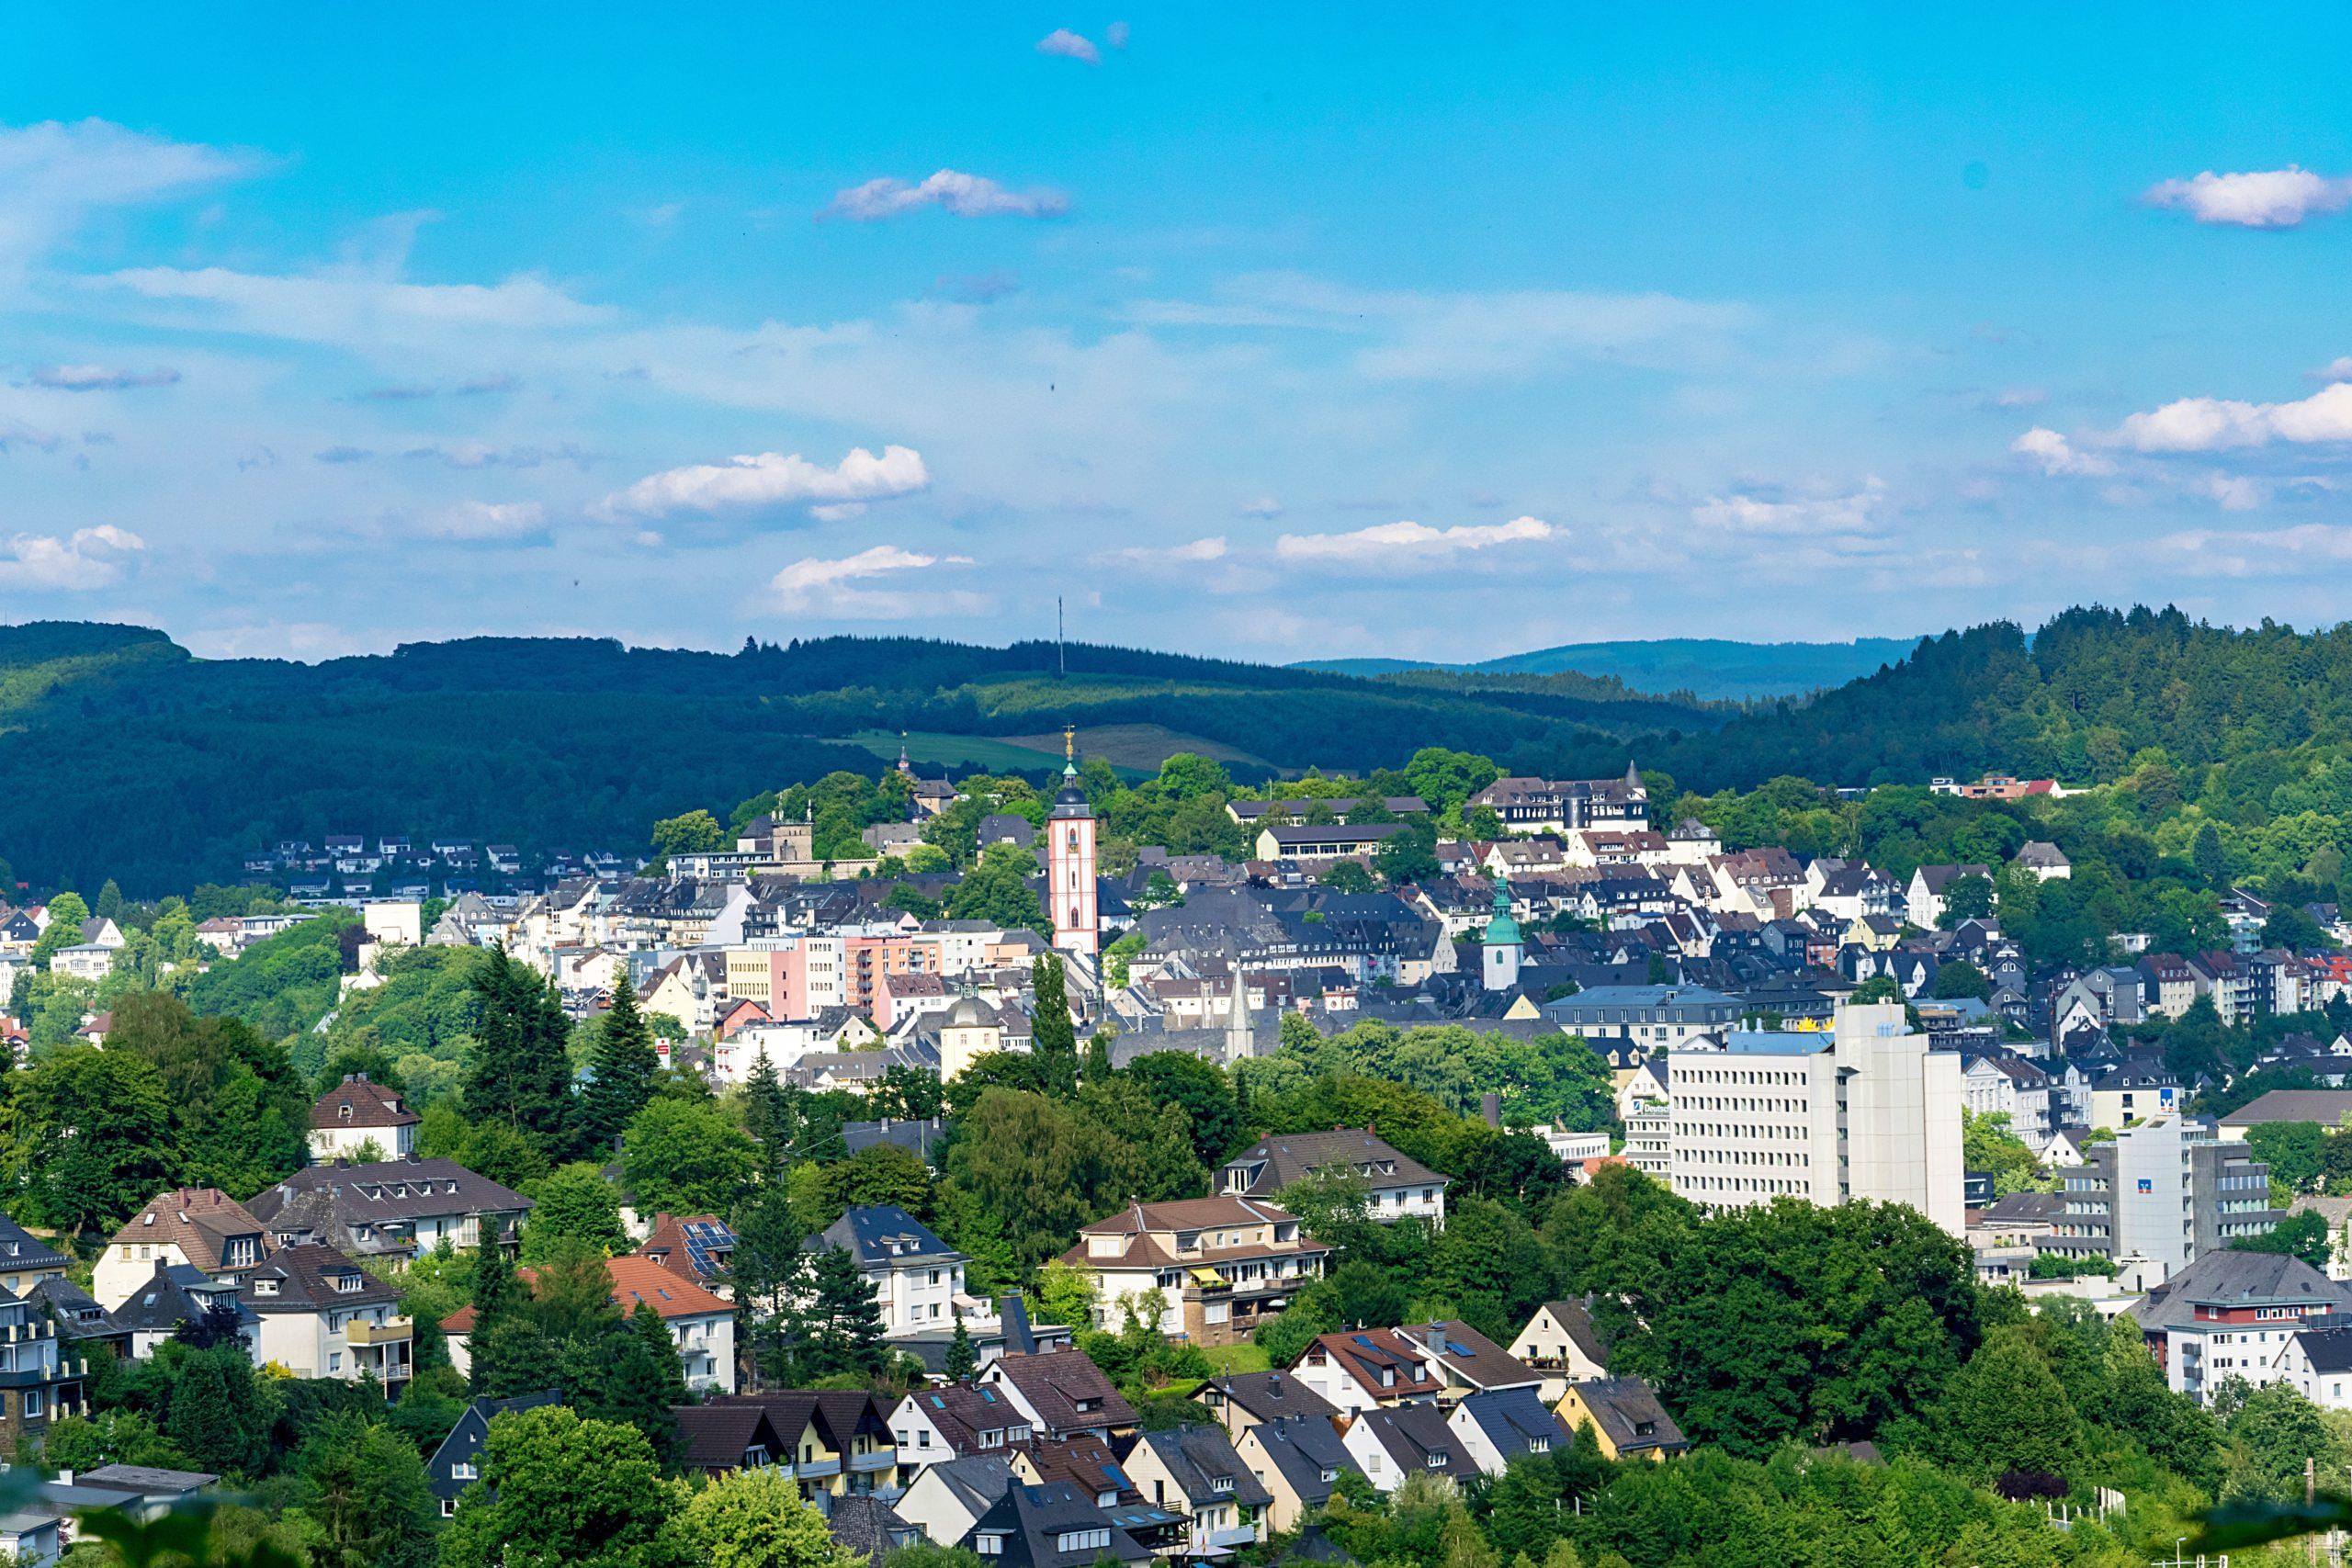 Haushaltsauflösung und Entrümpelung in Siegen